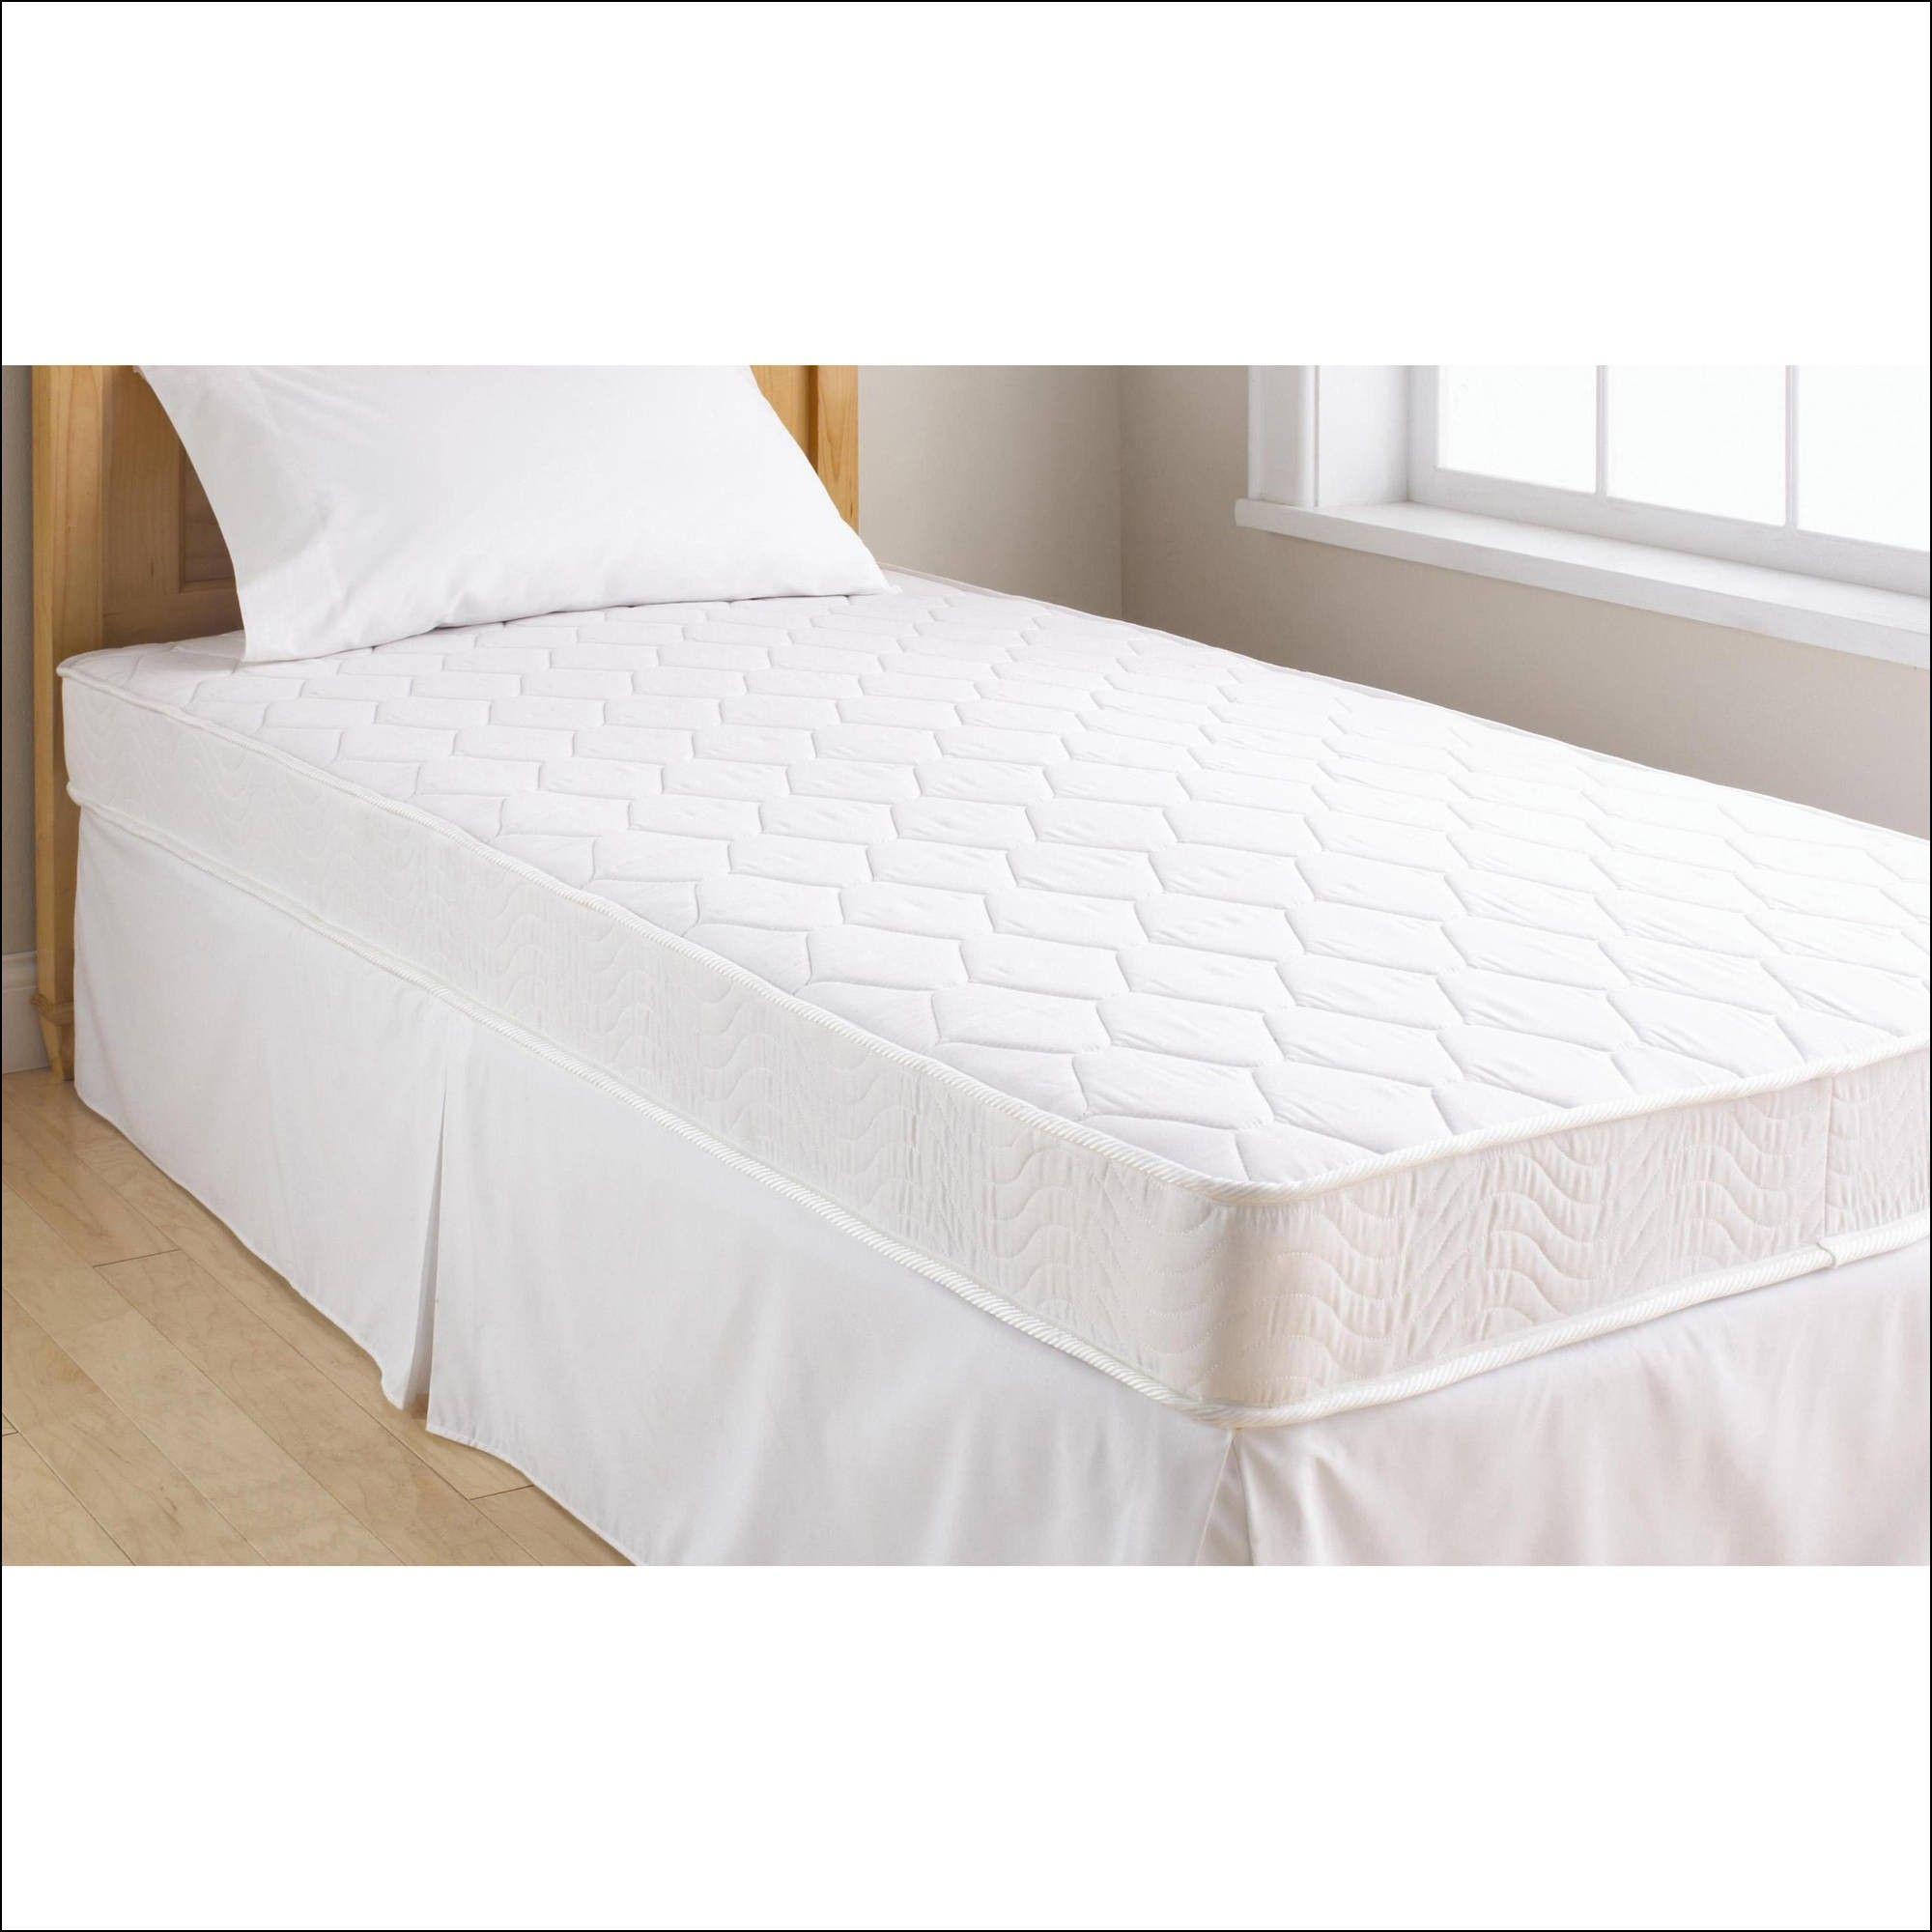 really cheap mattresses mattress ideas pinterest mattress